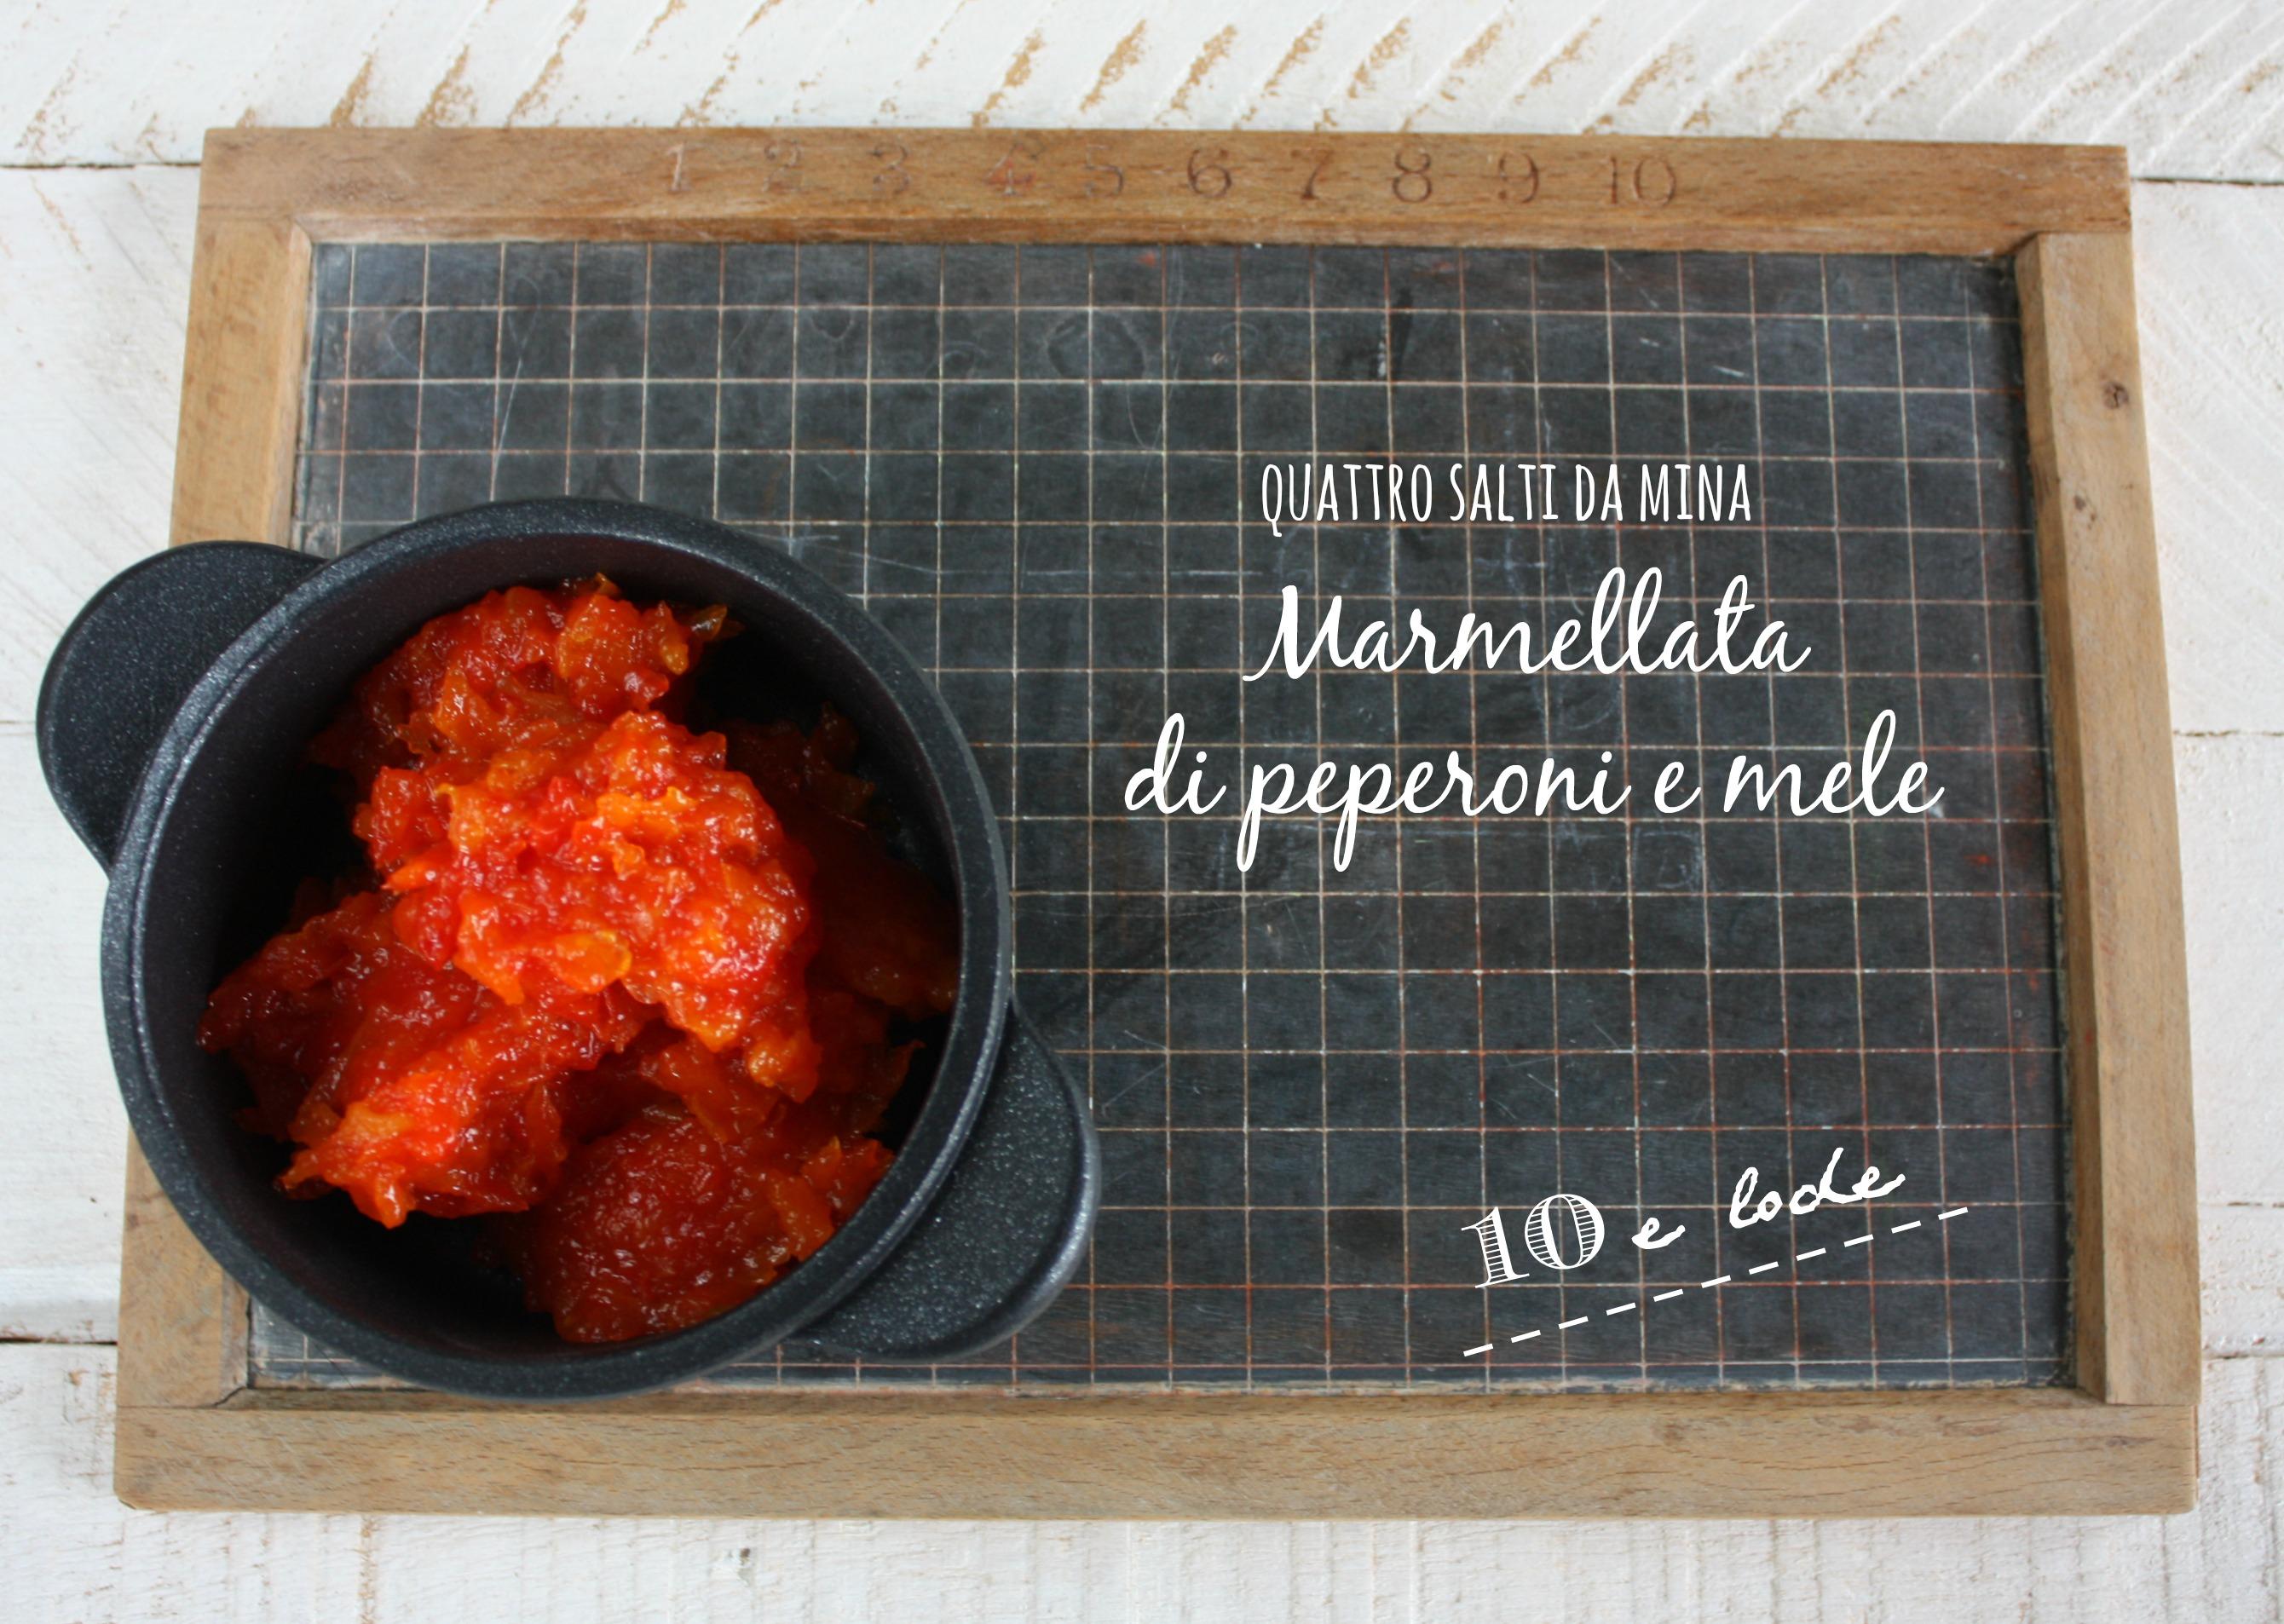 Marmellata di peperoni e mele